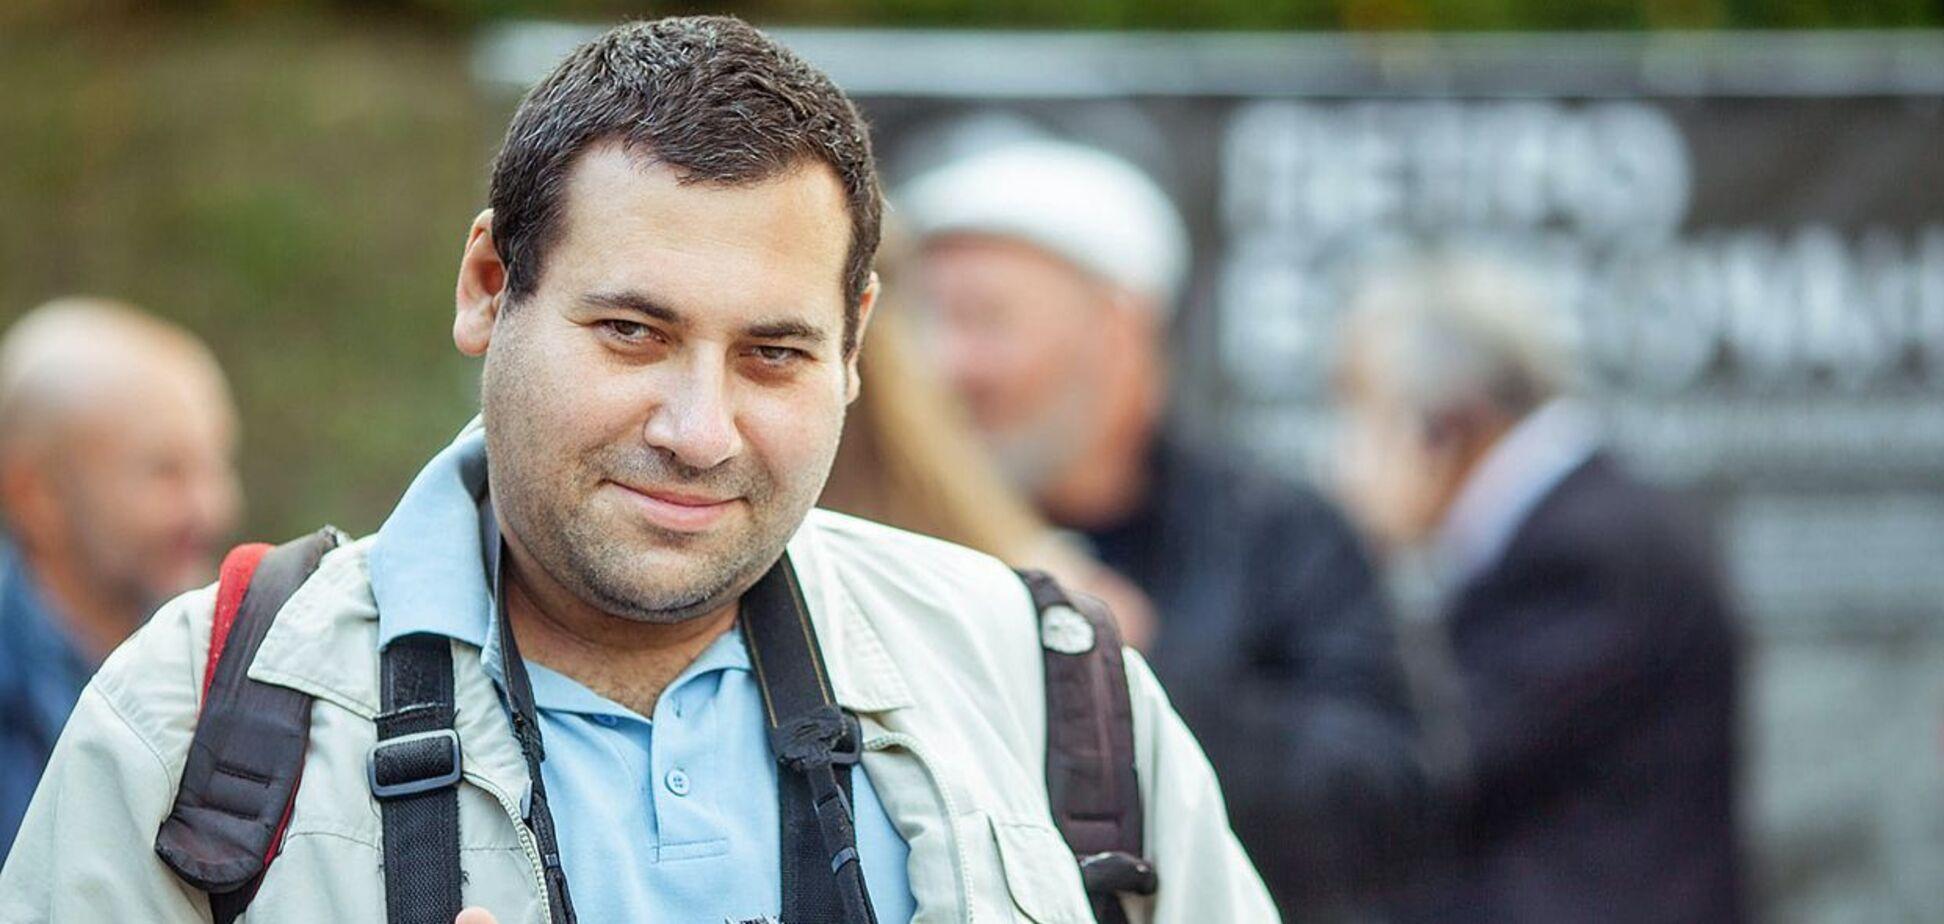 От коронавируса умер фотограф, который сделал самый популярный снимок Киева